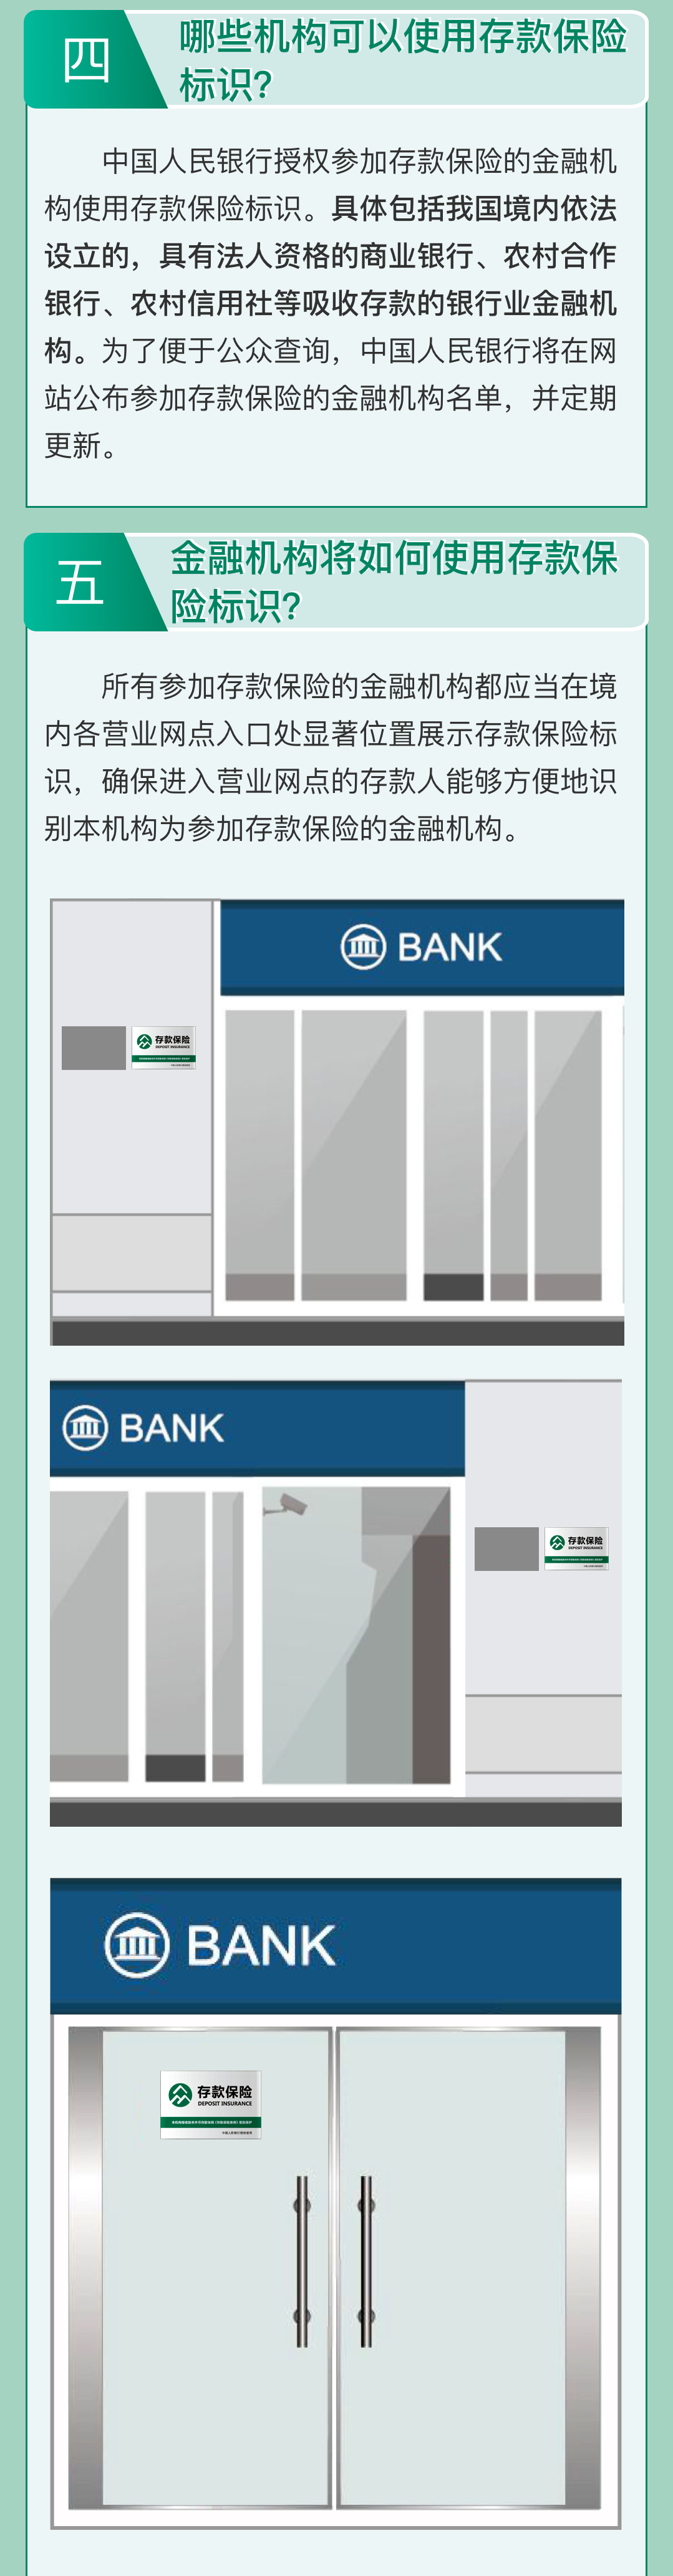 央行发布存款保险标识说明和使用规范,以后存款注意看看